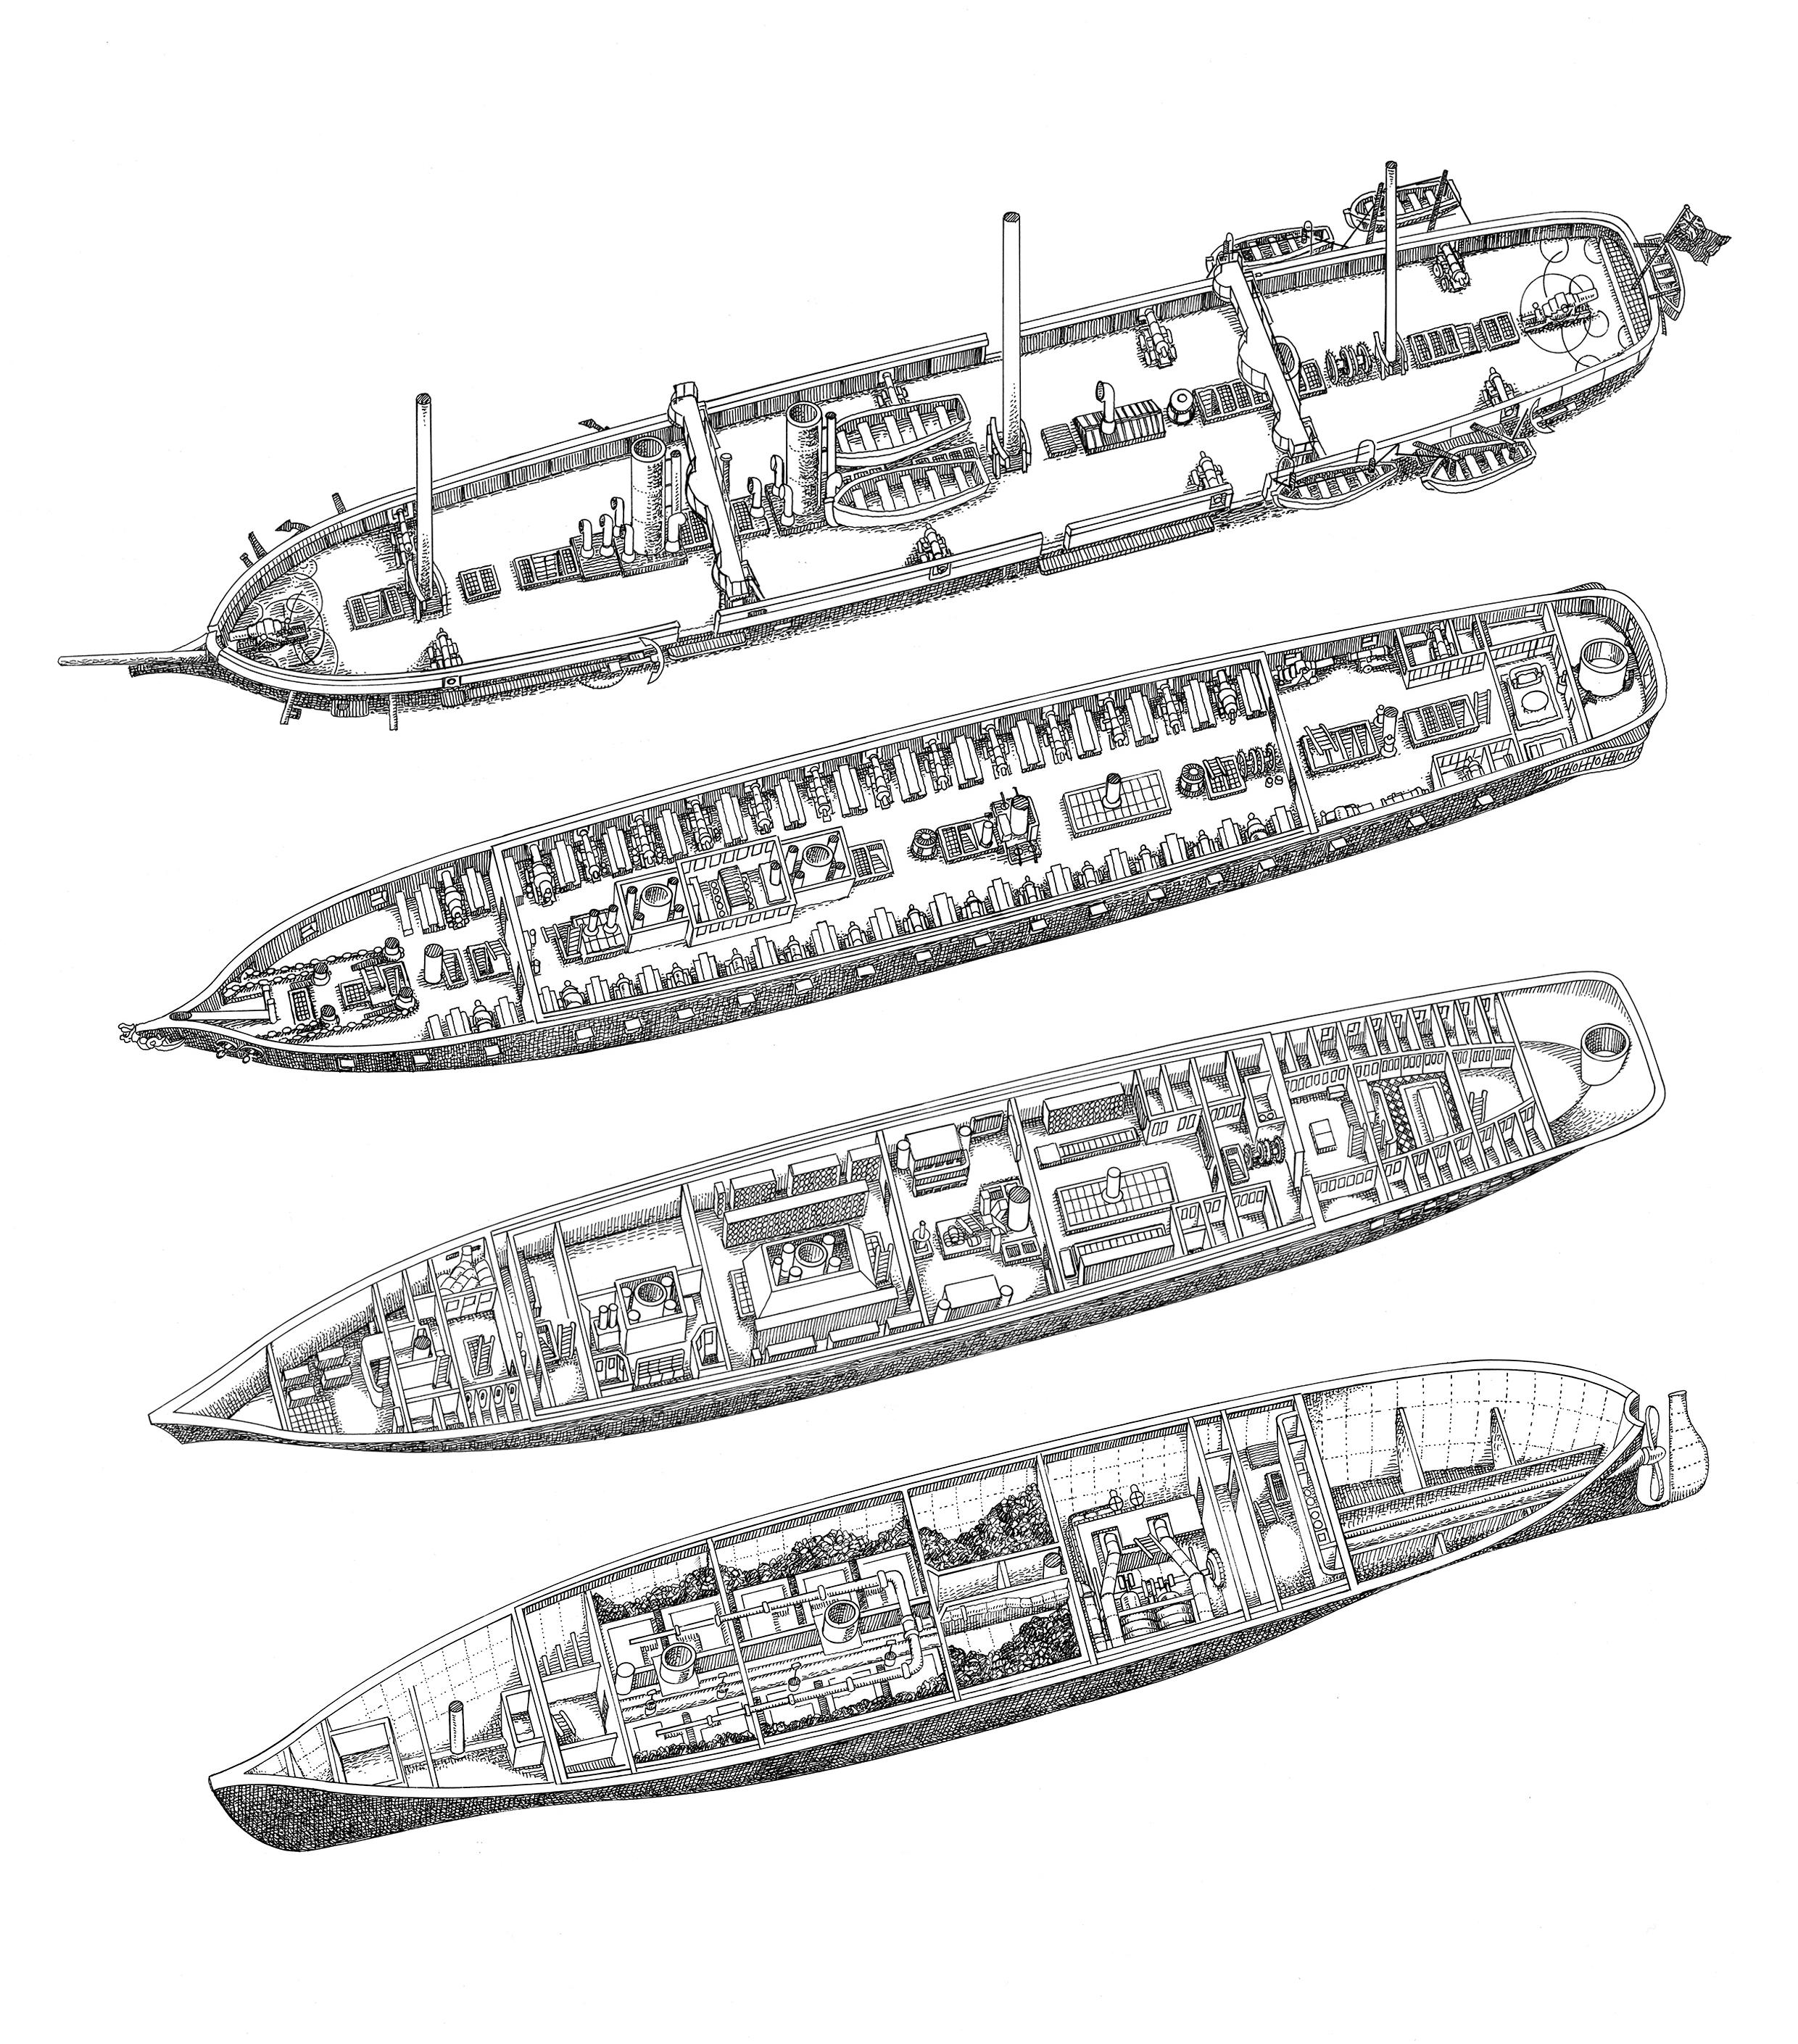 HMS Warrior Deck Plans